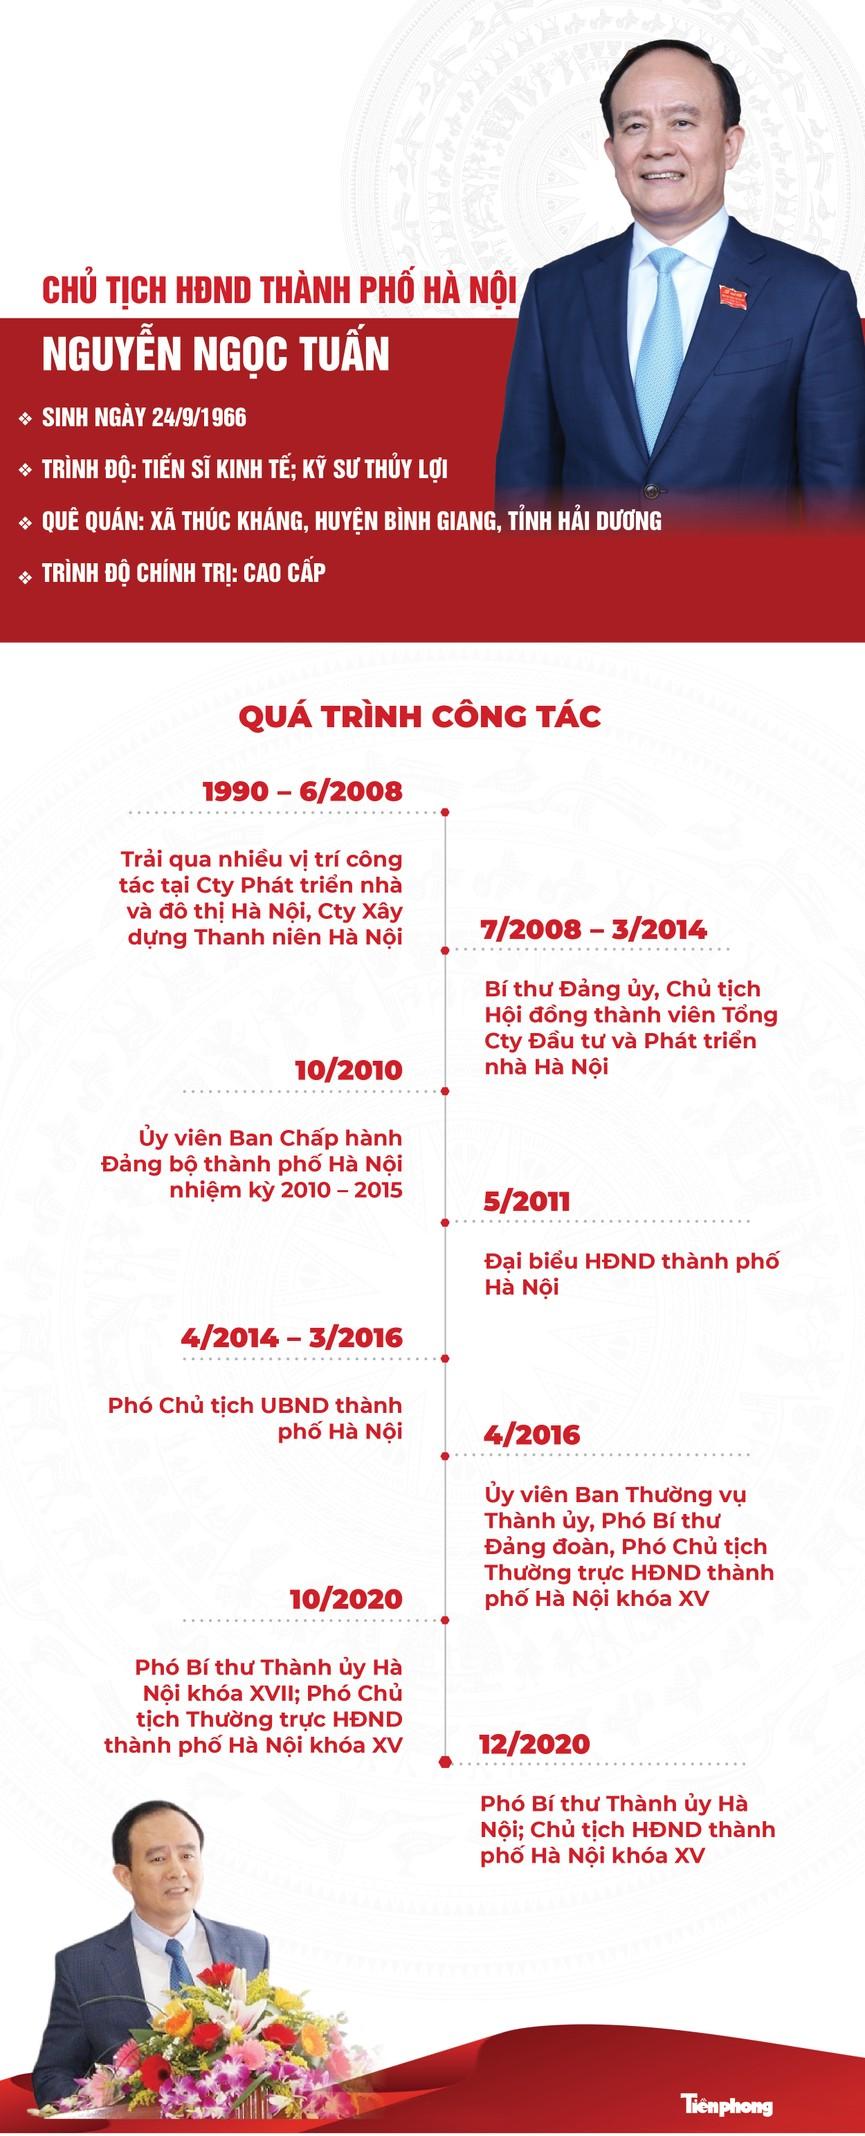 Tân Chủ tịch HĐND thành phố Hà Nội Nguyễn Ngọc Tuấn - ảnh 1